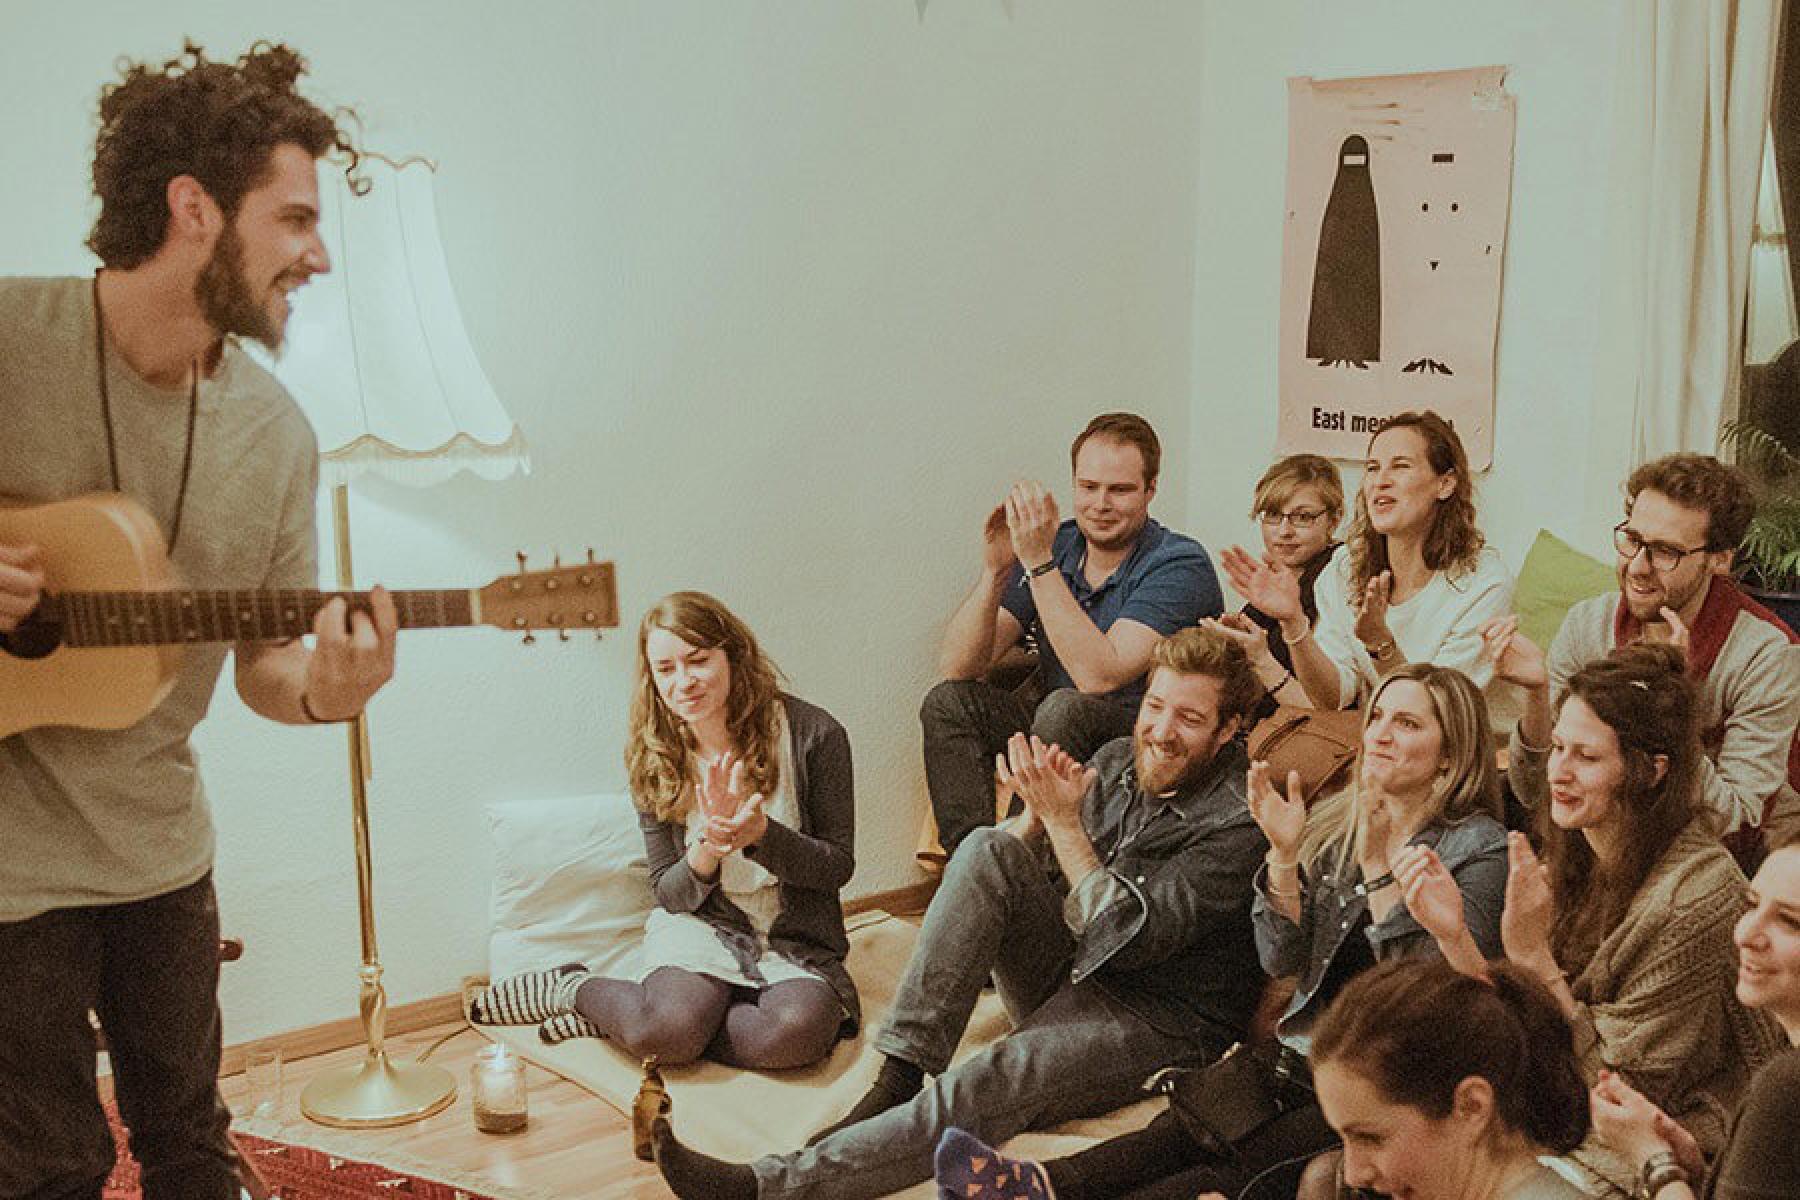 Künstler spielt Wohnzimmerkonzert vor klatschendem Publikum